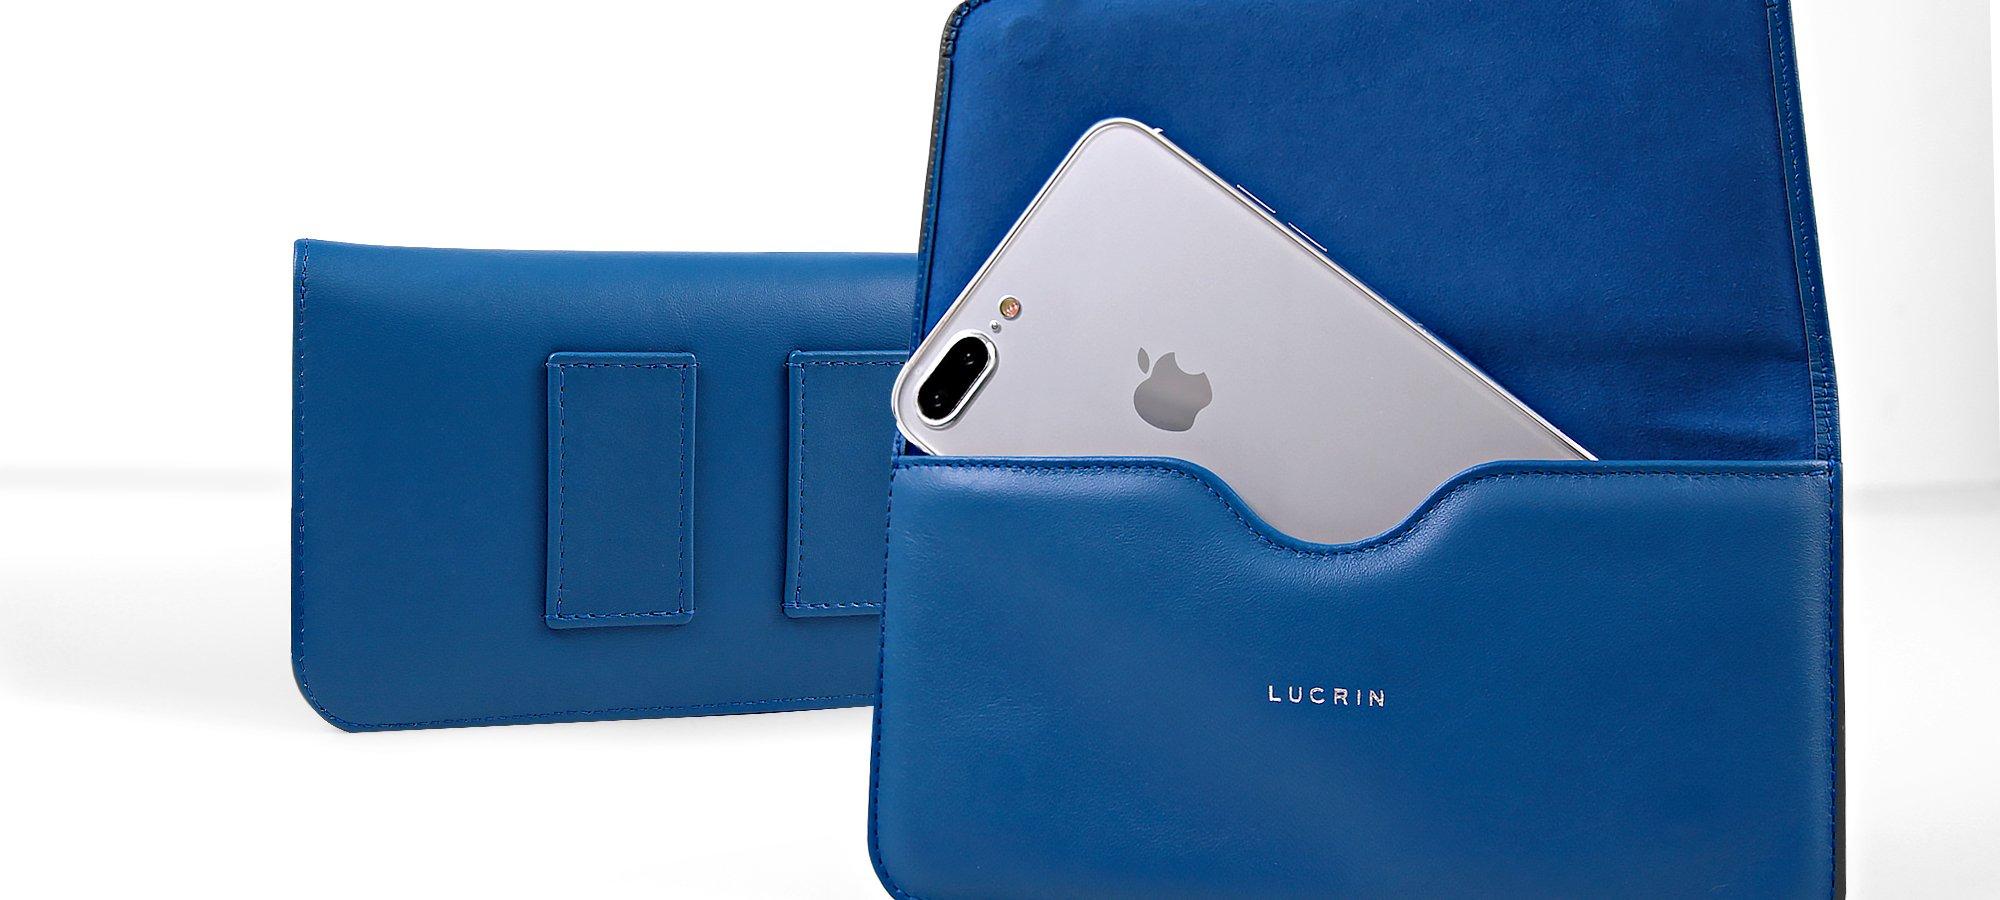 Étui Ceinture en cuir pour iPhone 8 Plus b91318db385